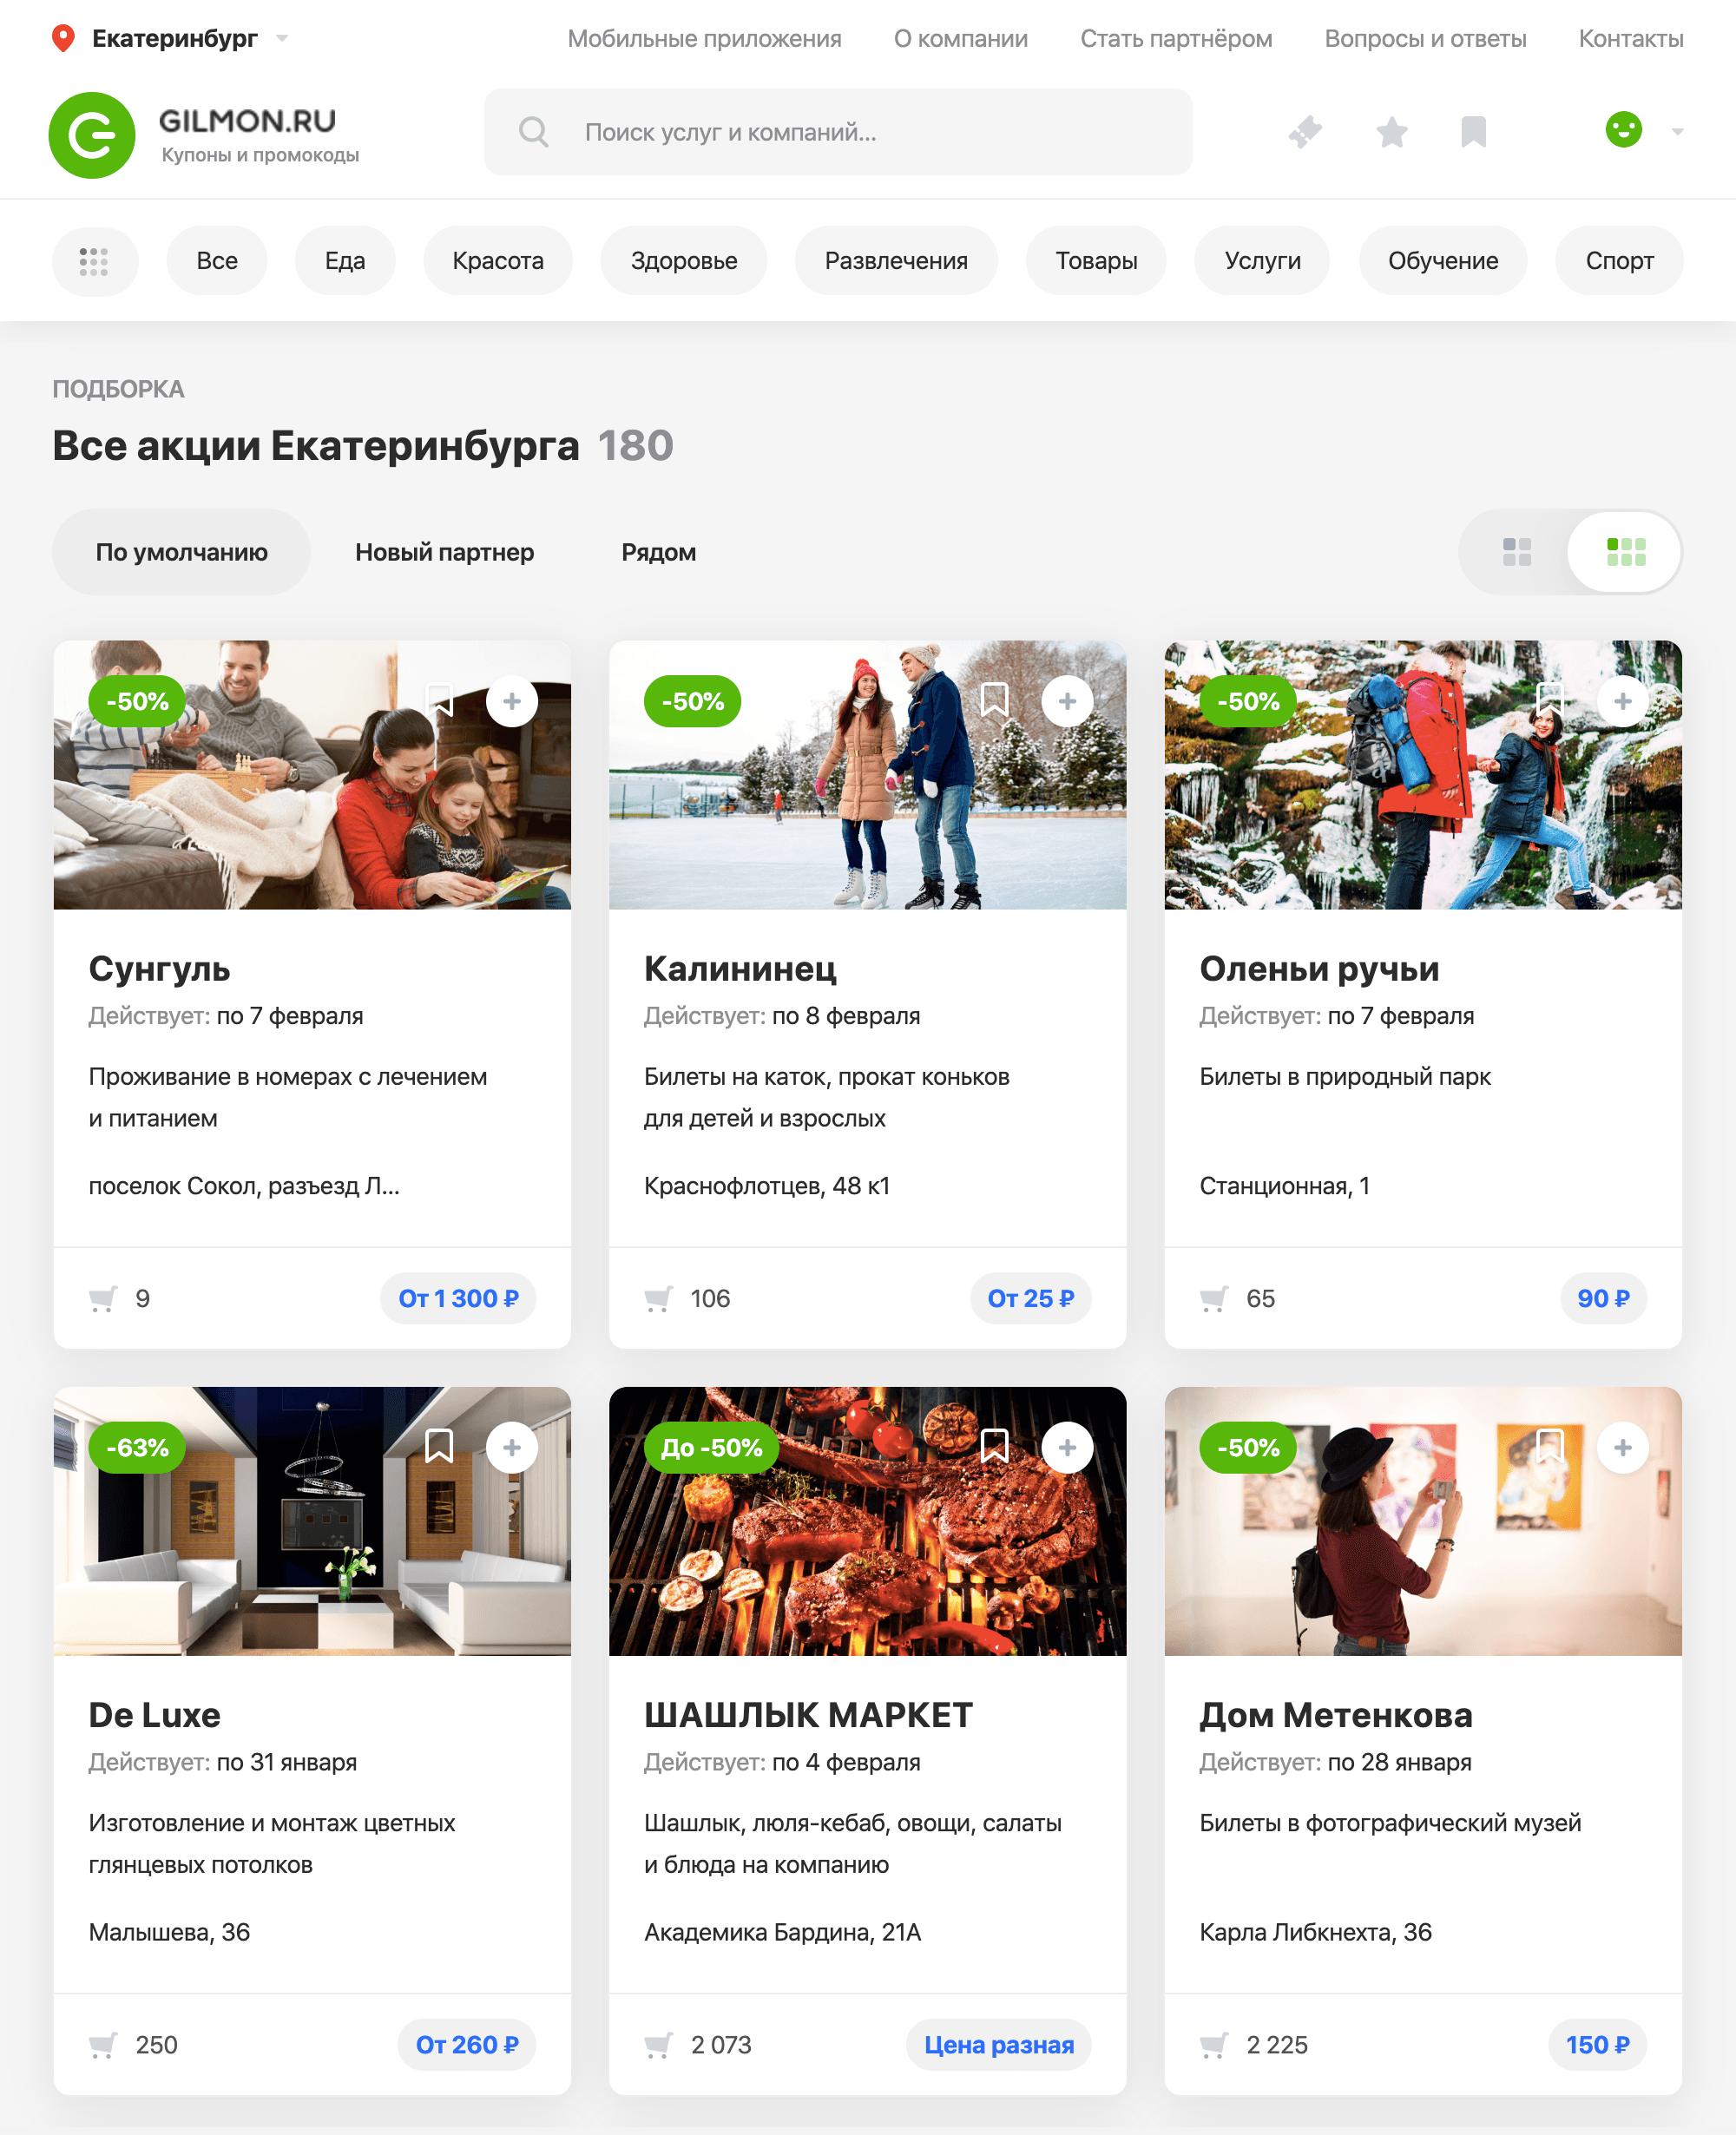 Это главная страница сайта «Гилмон» с купонами в Екатеринбурге. Иногда я листаю ее, пока не встречу что-то интересное. Если знаю, чего хочу, то пользуюсь рубрикатором сверху